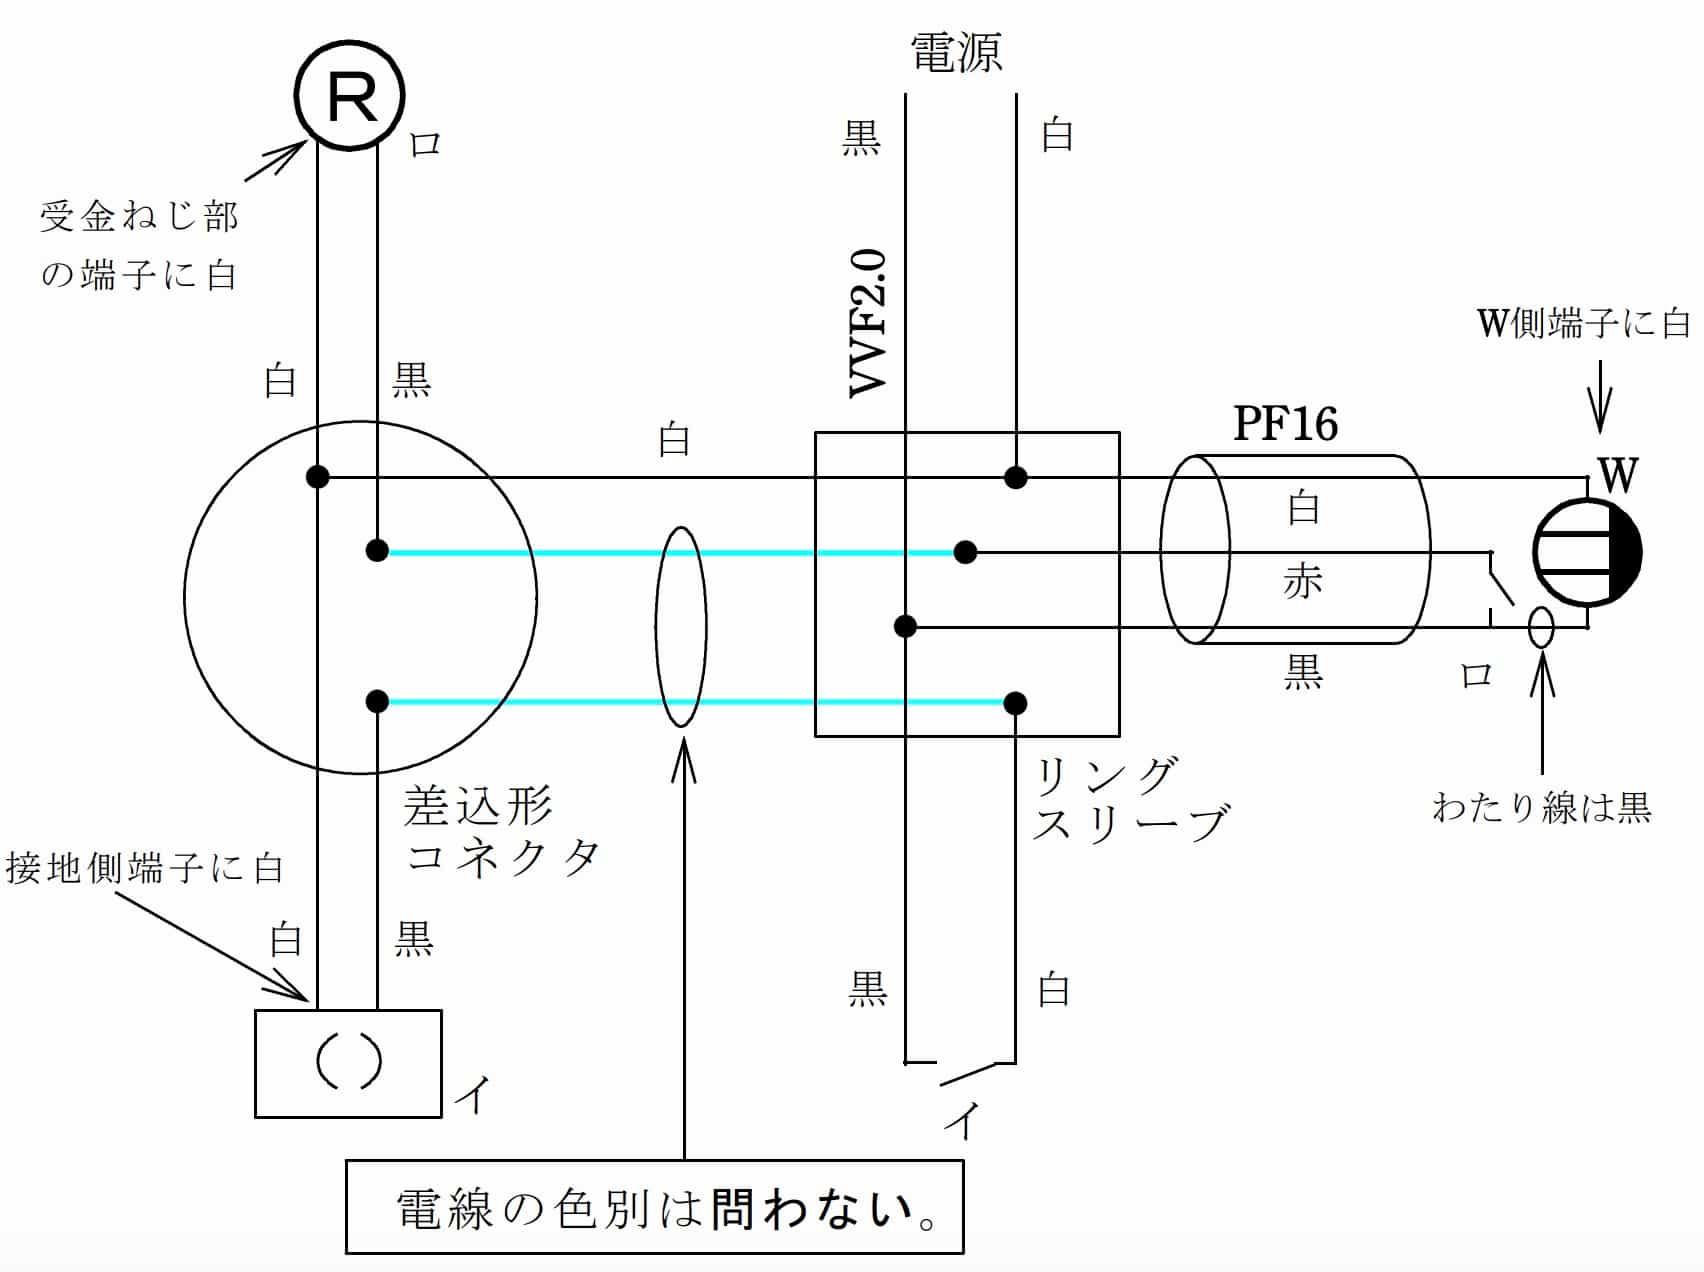 第二種電気工事士の技能試験の試験問題No.12の複線図